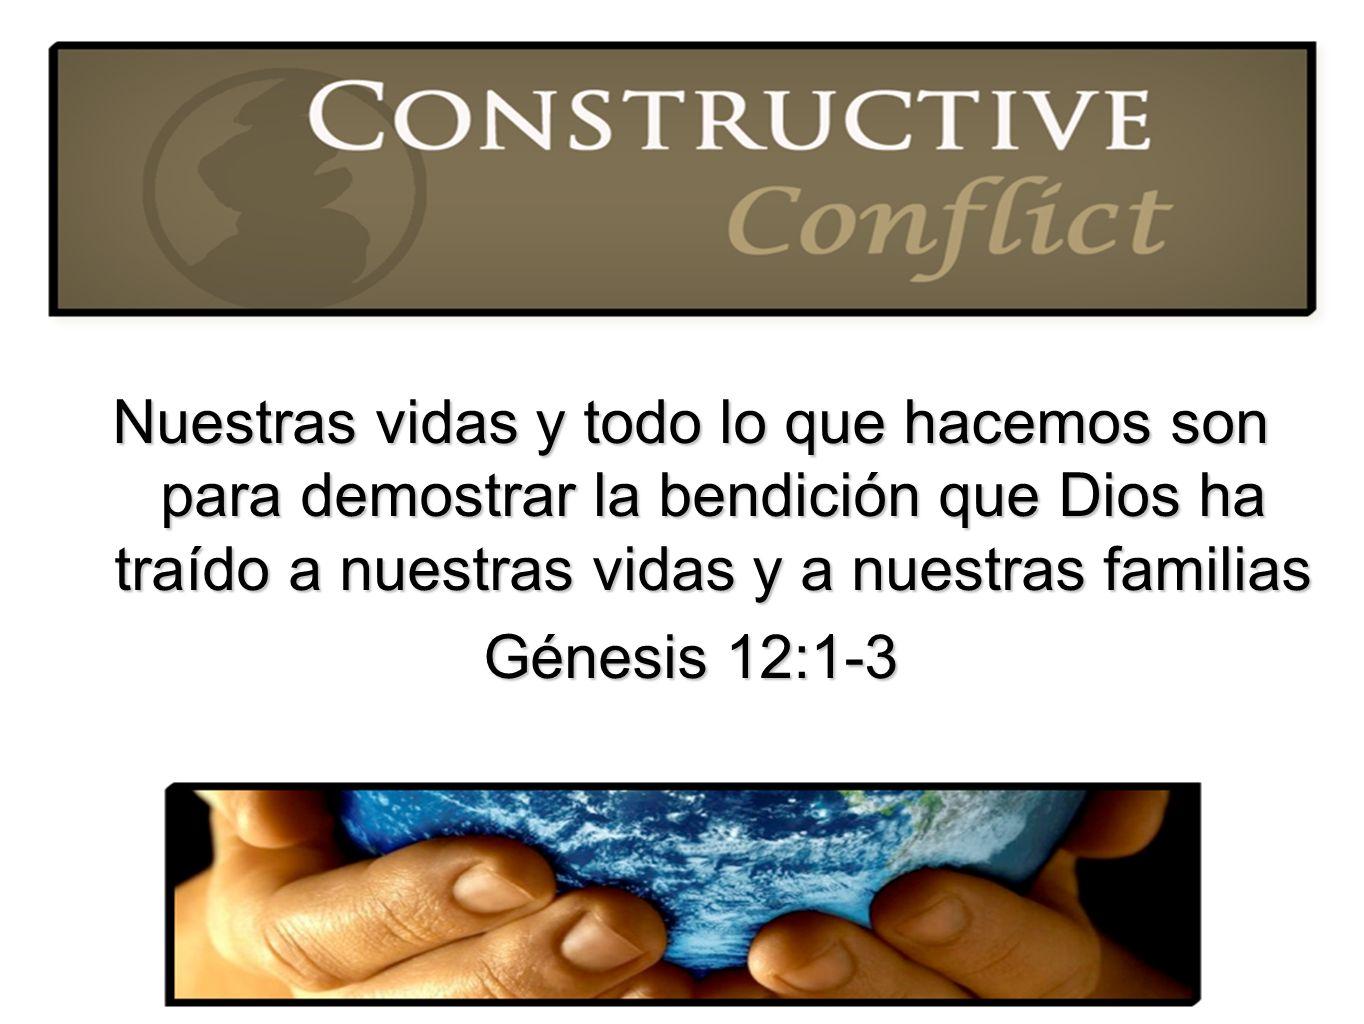 Nuestras vidas y todo lo que hacemos son para demostrar la bendición que Dios ha traído a nuestras vidas y a nuestras familias